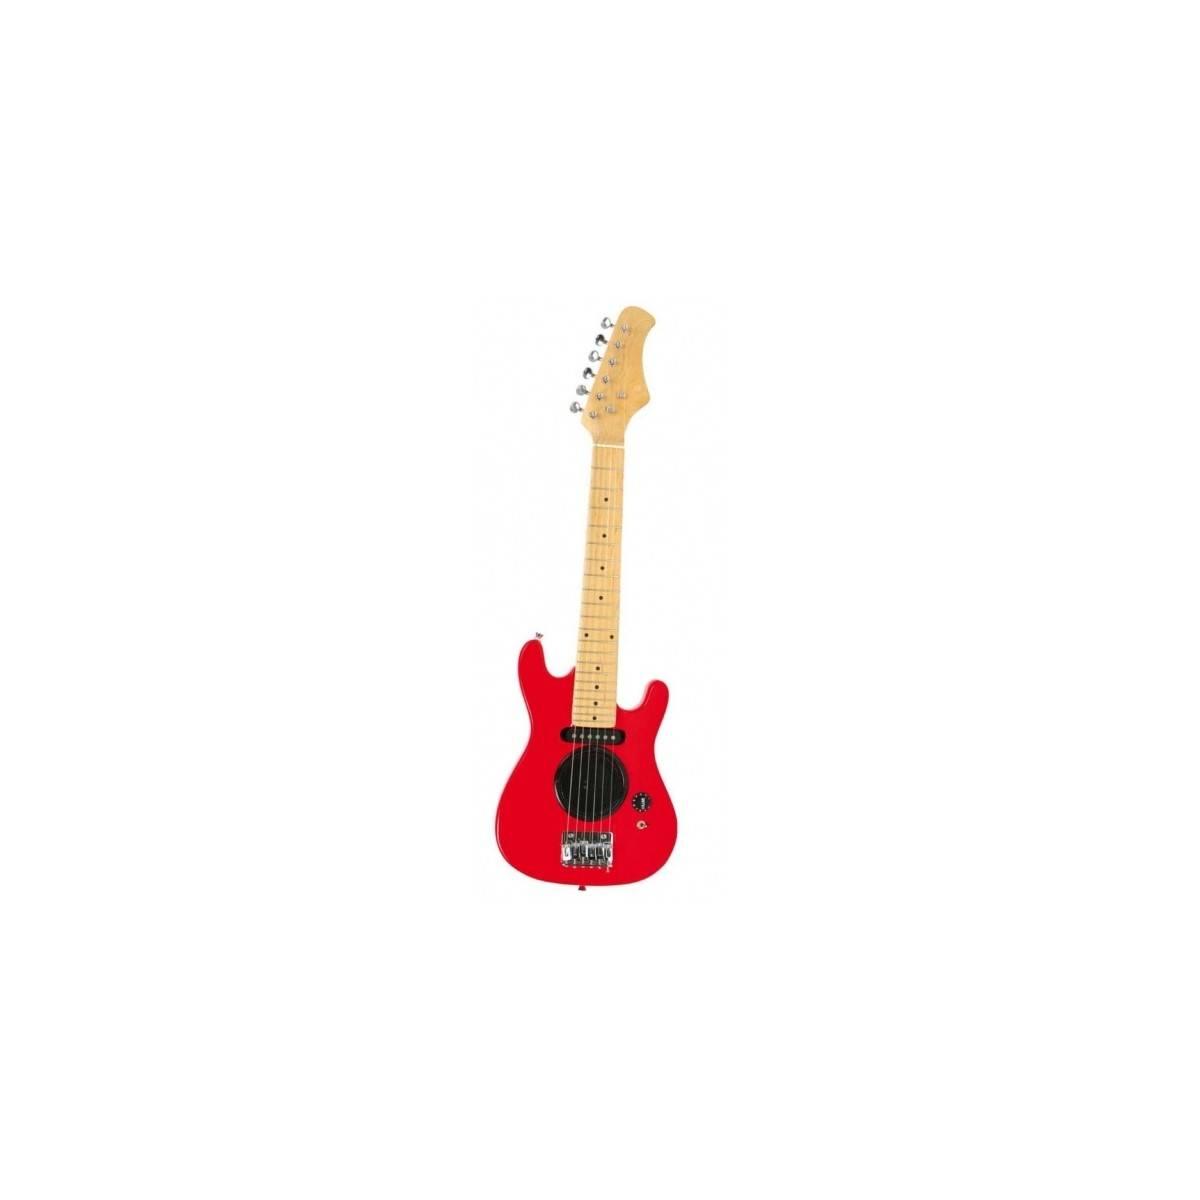 guitare lectrique enfant 1 4 ampli int gr rouge neuf. Black Bedroom Furniture Sets. Home Design Ideas